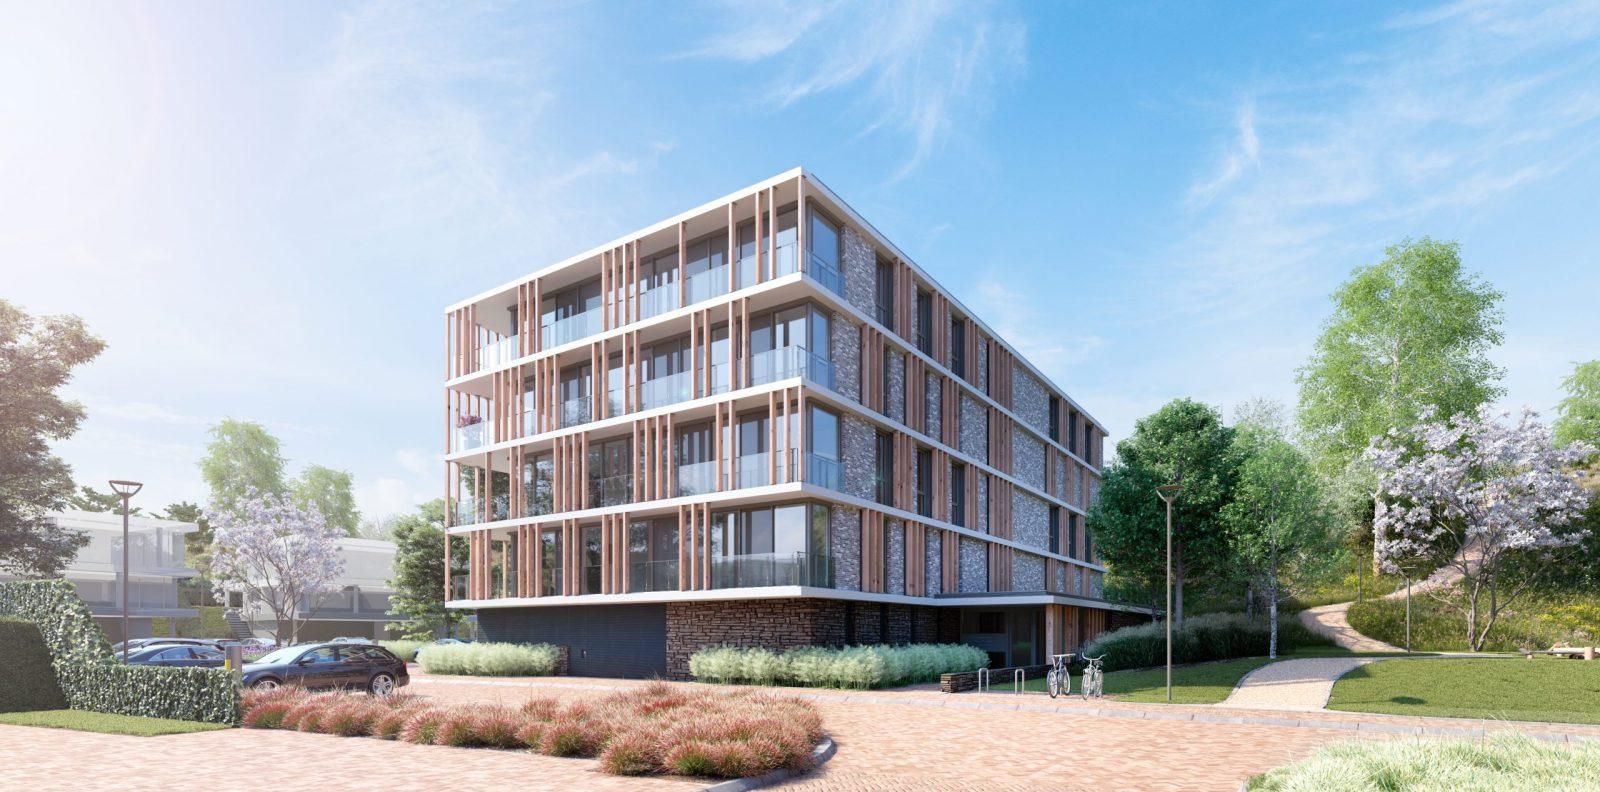 Finest-of-Ockenburg-78-appartementen